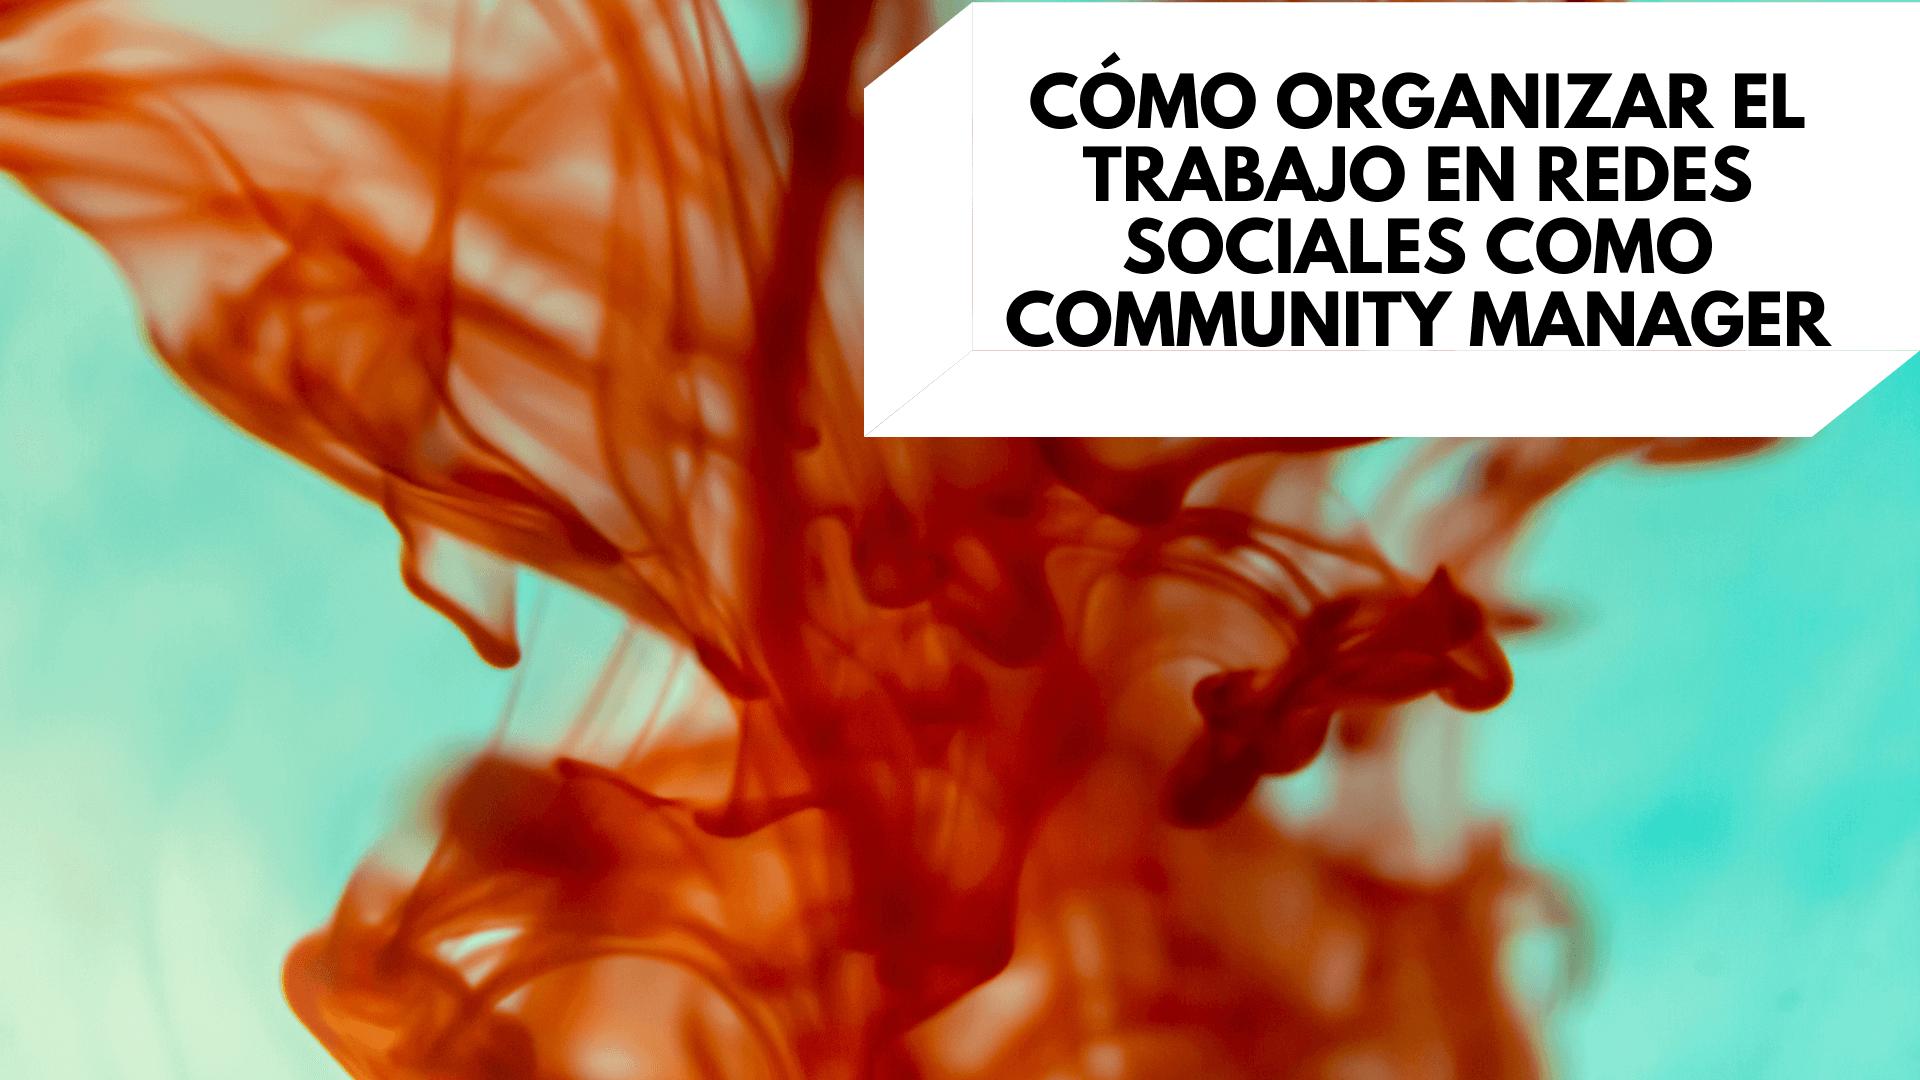 Cómo organizar el trabajo en redes sociales como community manager